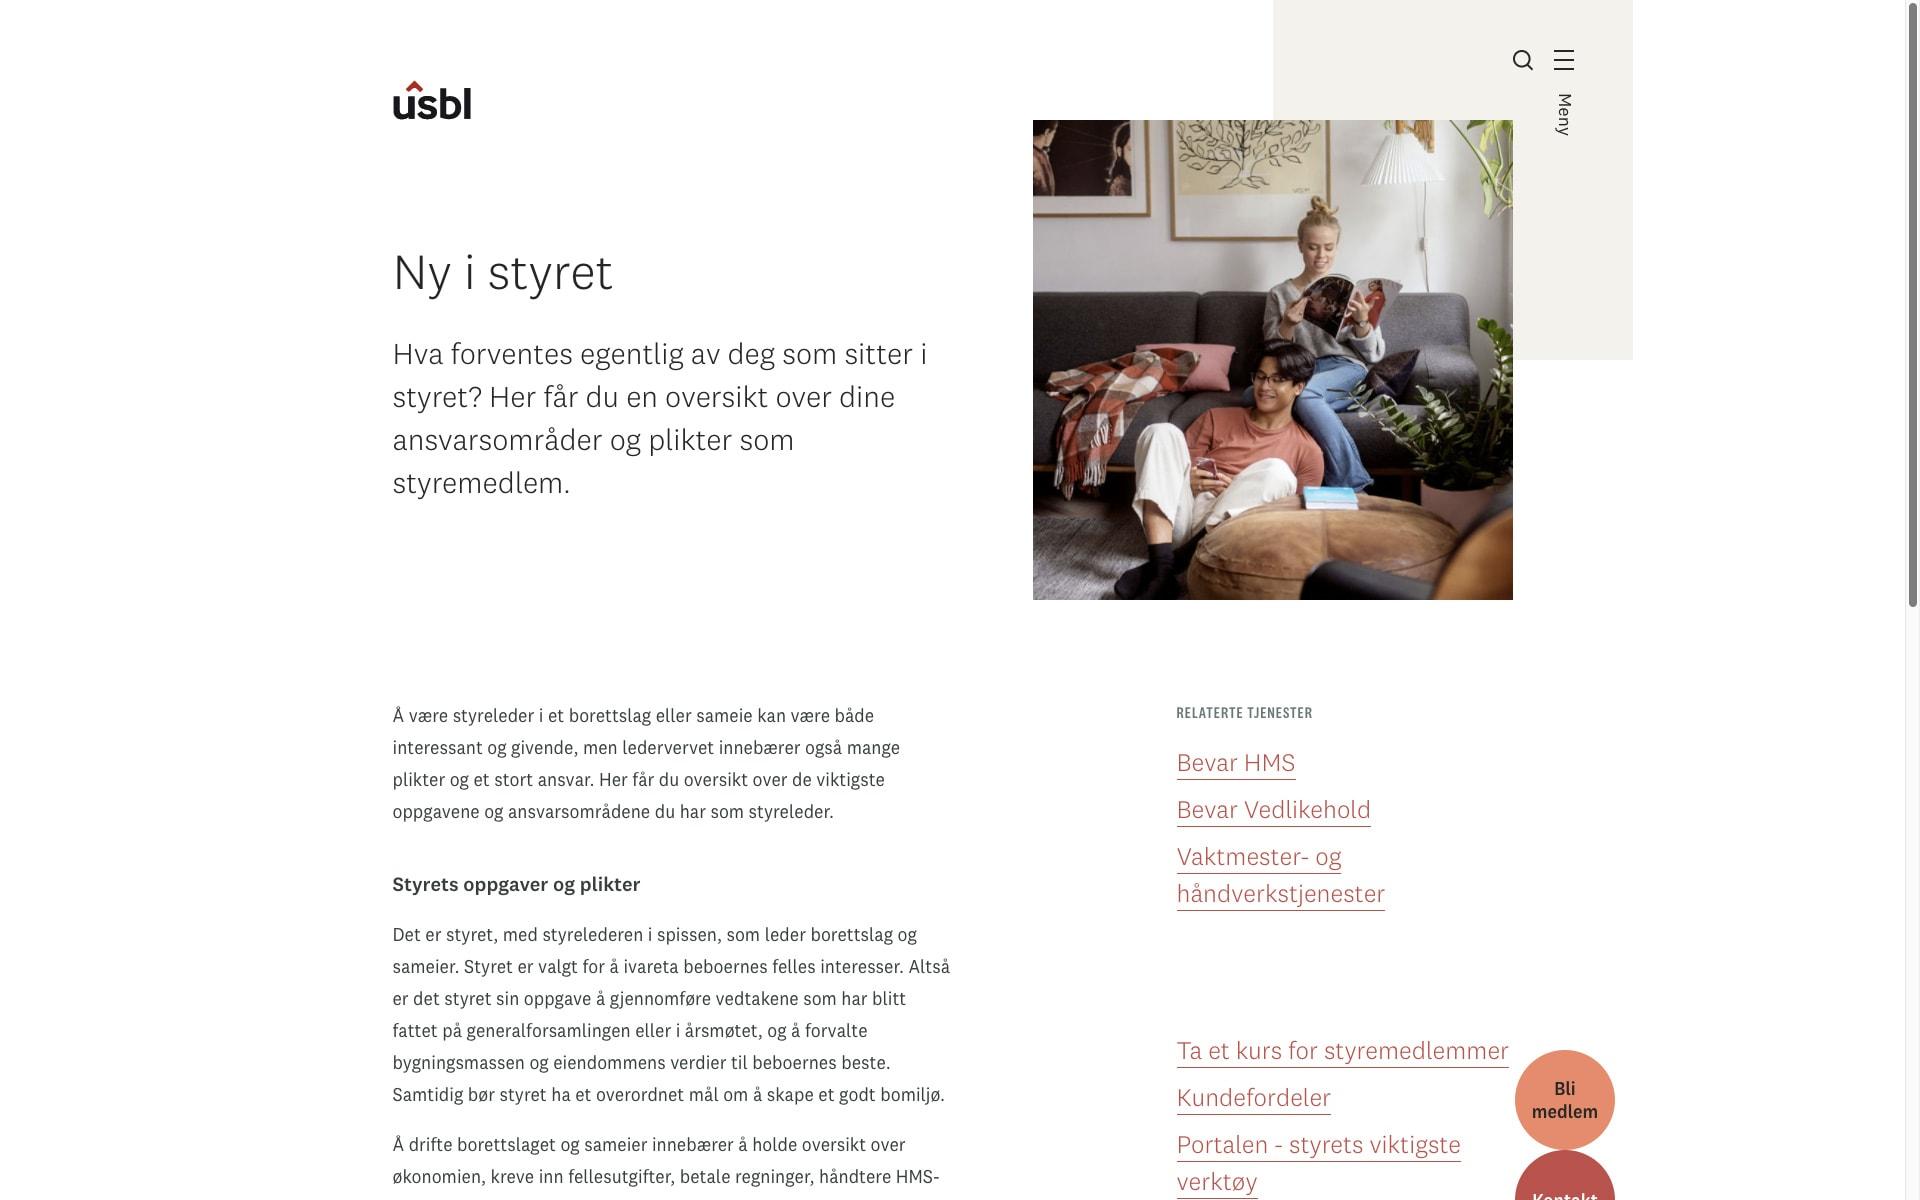 Kimm Saatvedt – USBL for Creuna